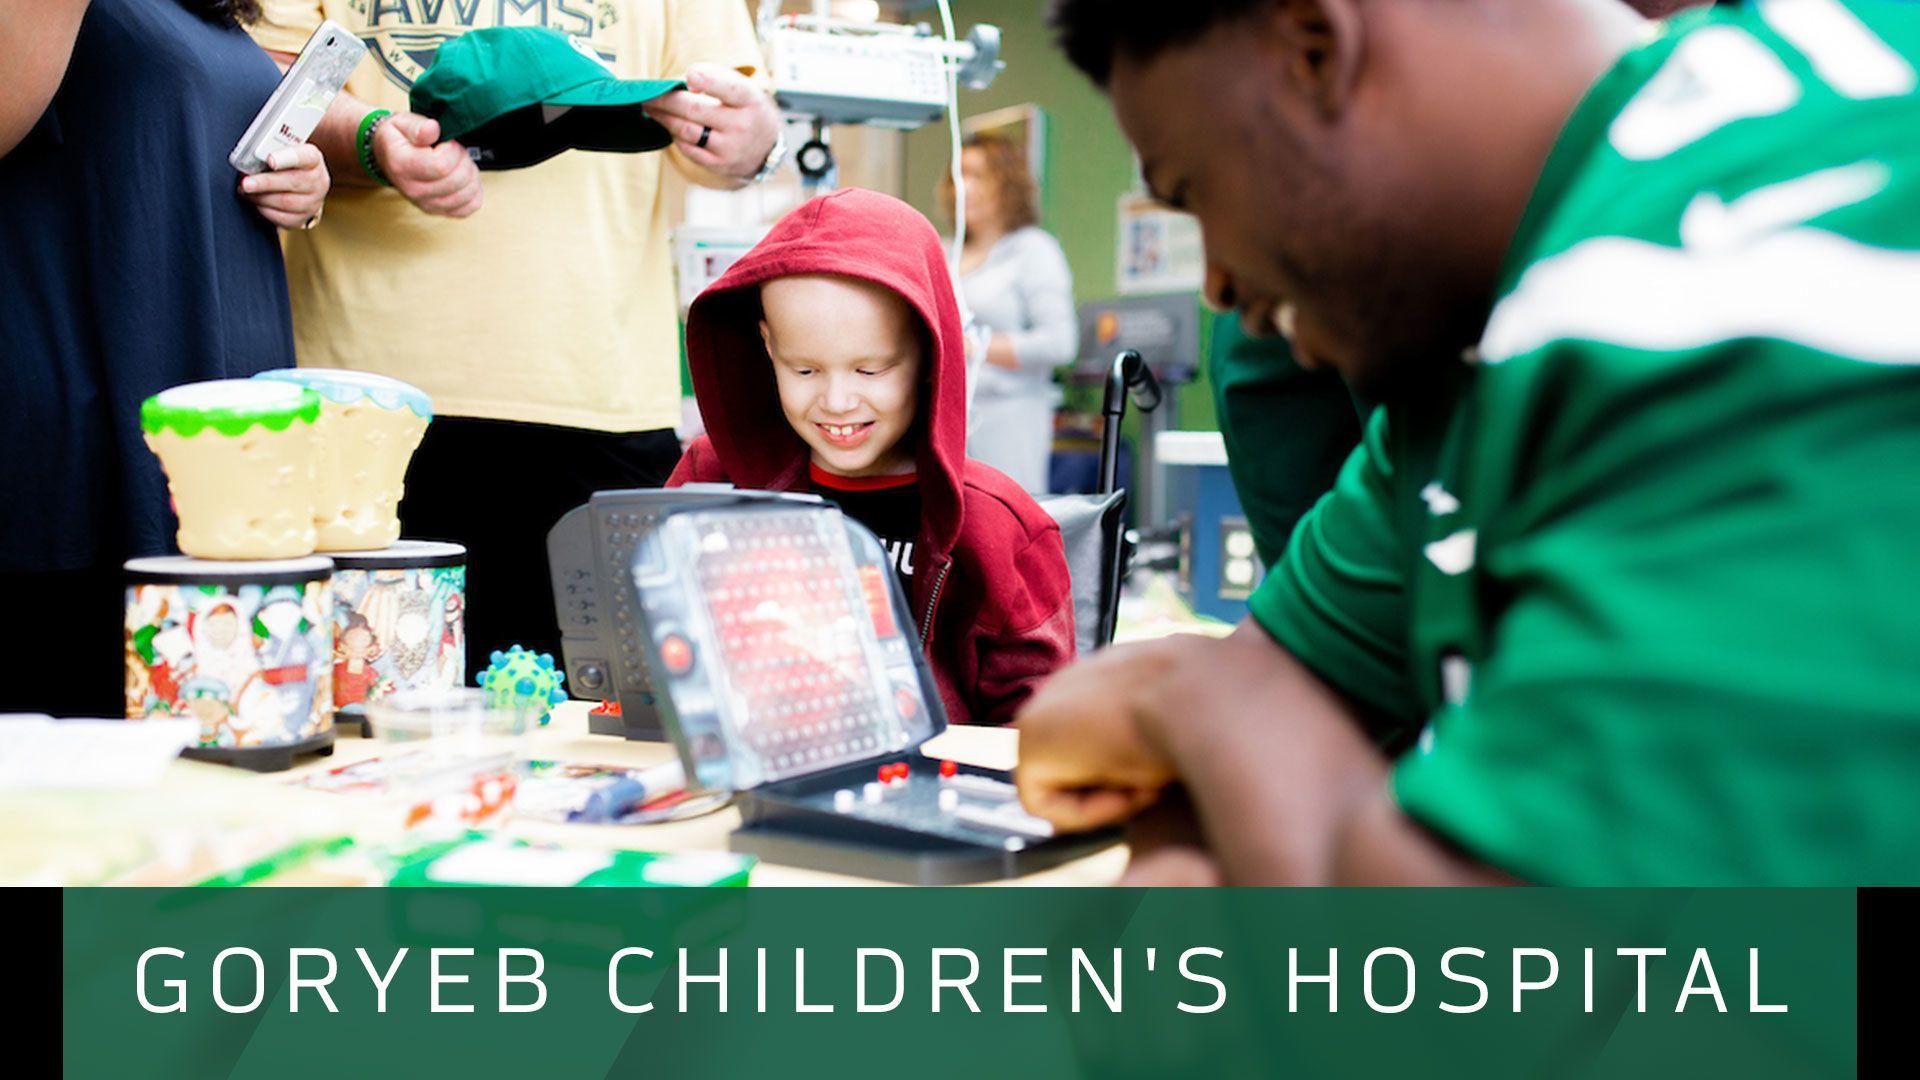 goryeb-childrens-hospital